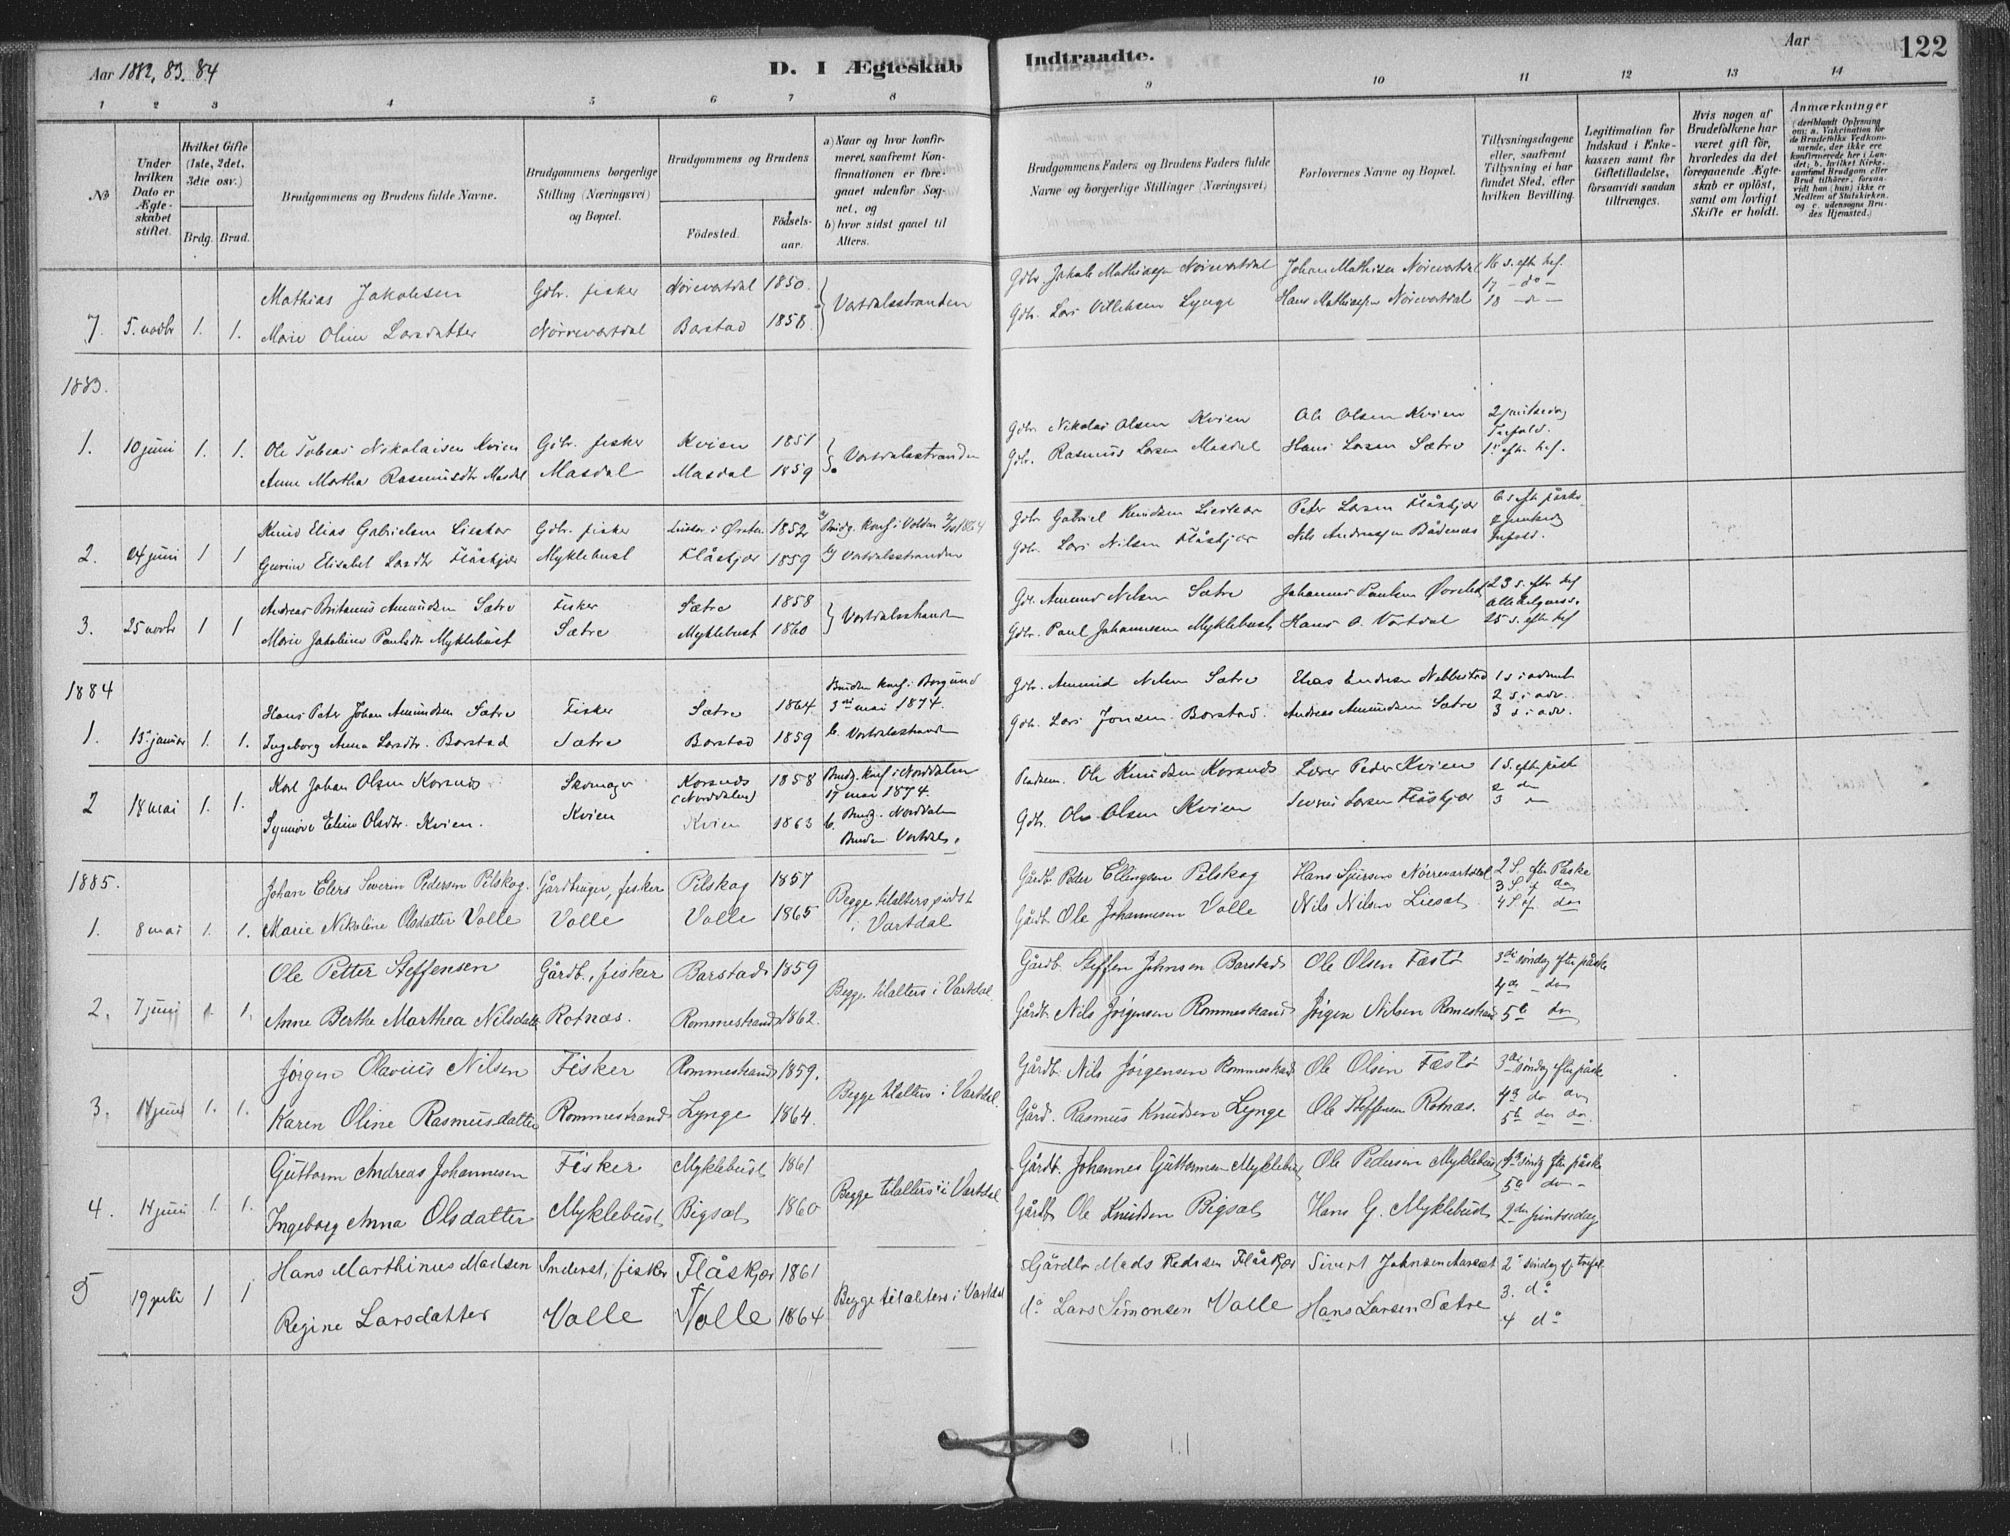 SAT, Ministerialprotokoller, klokkerbøker og fødselsregistre - Møre og Romsdal, 514/L0199: Ministerialbok nr. 514A01, 1878-1912, s. 122